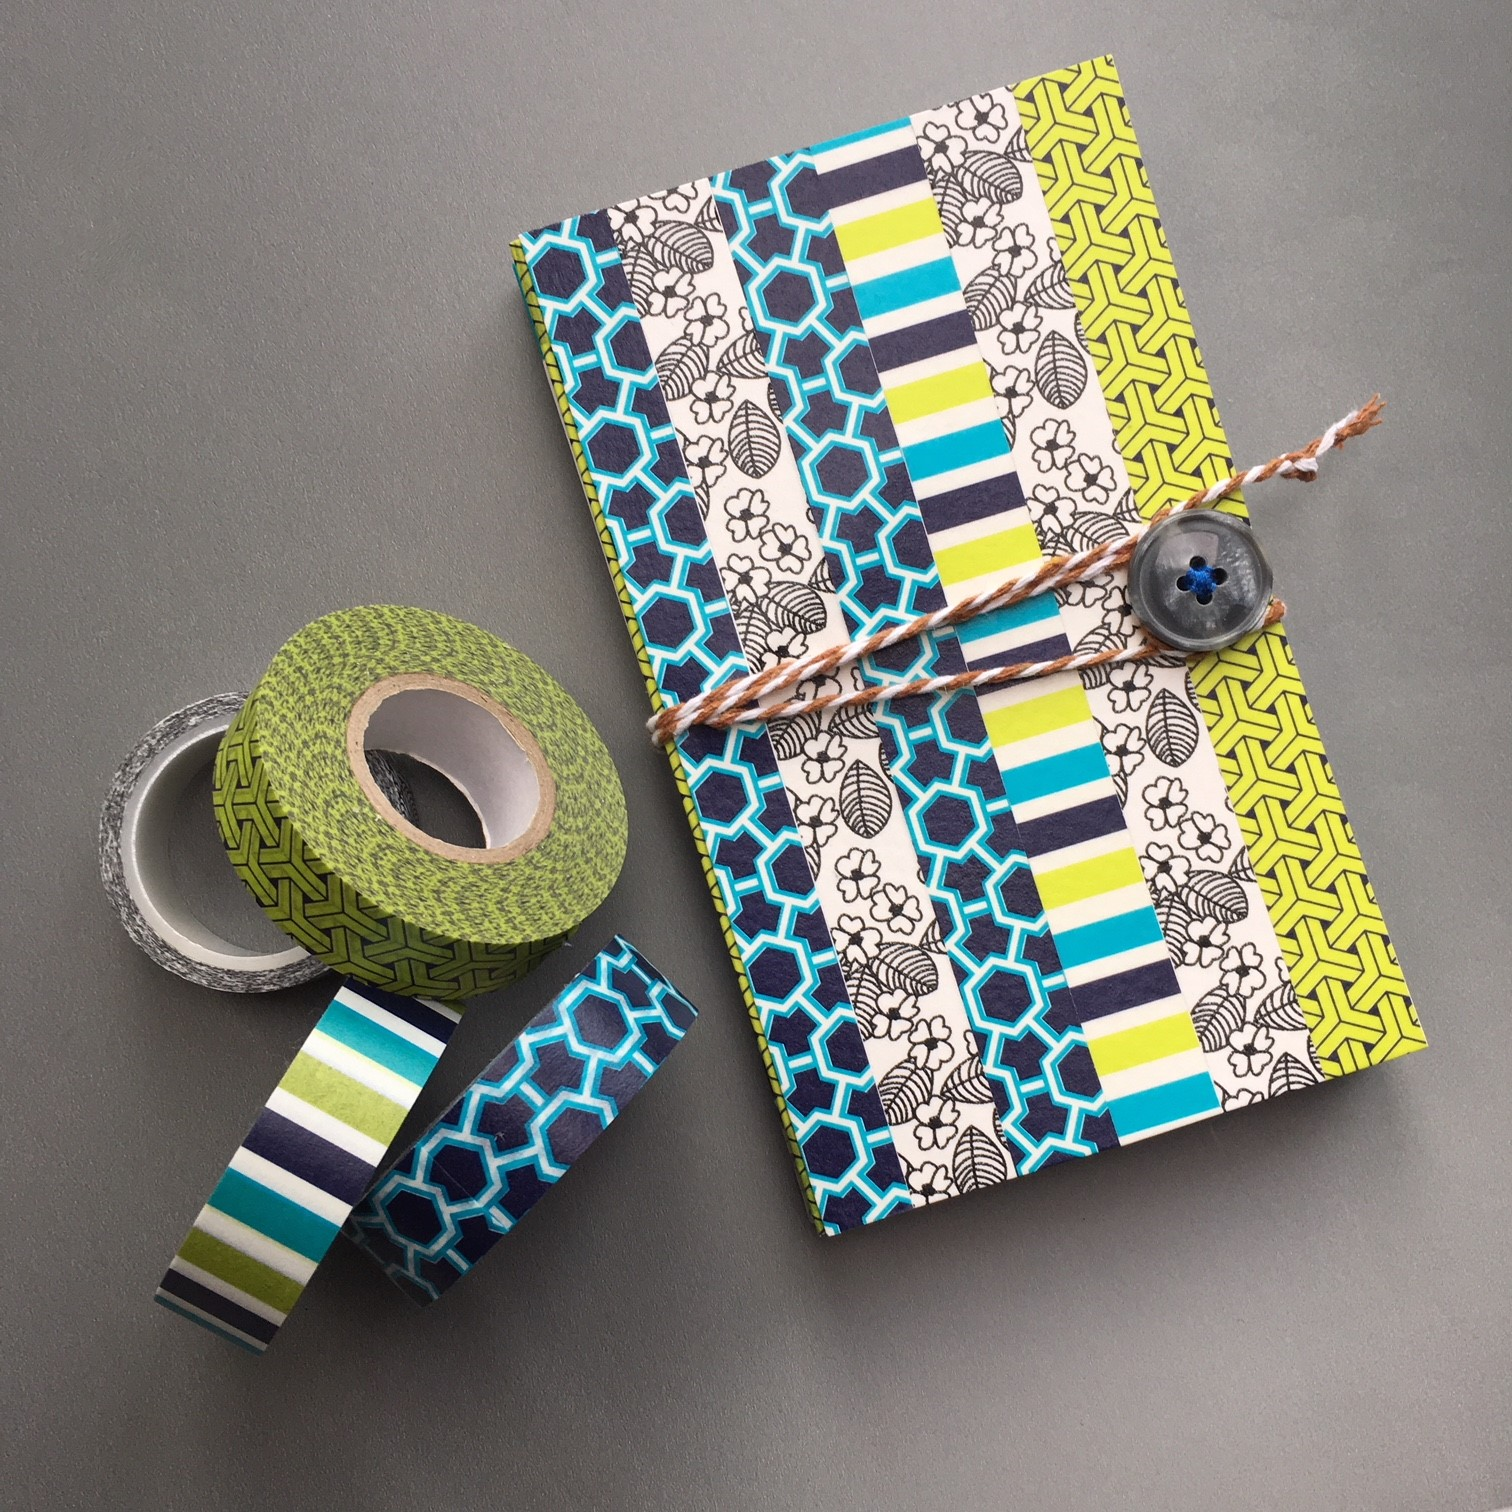 Washi decorated envelope pocket notebook with Washi tape